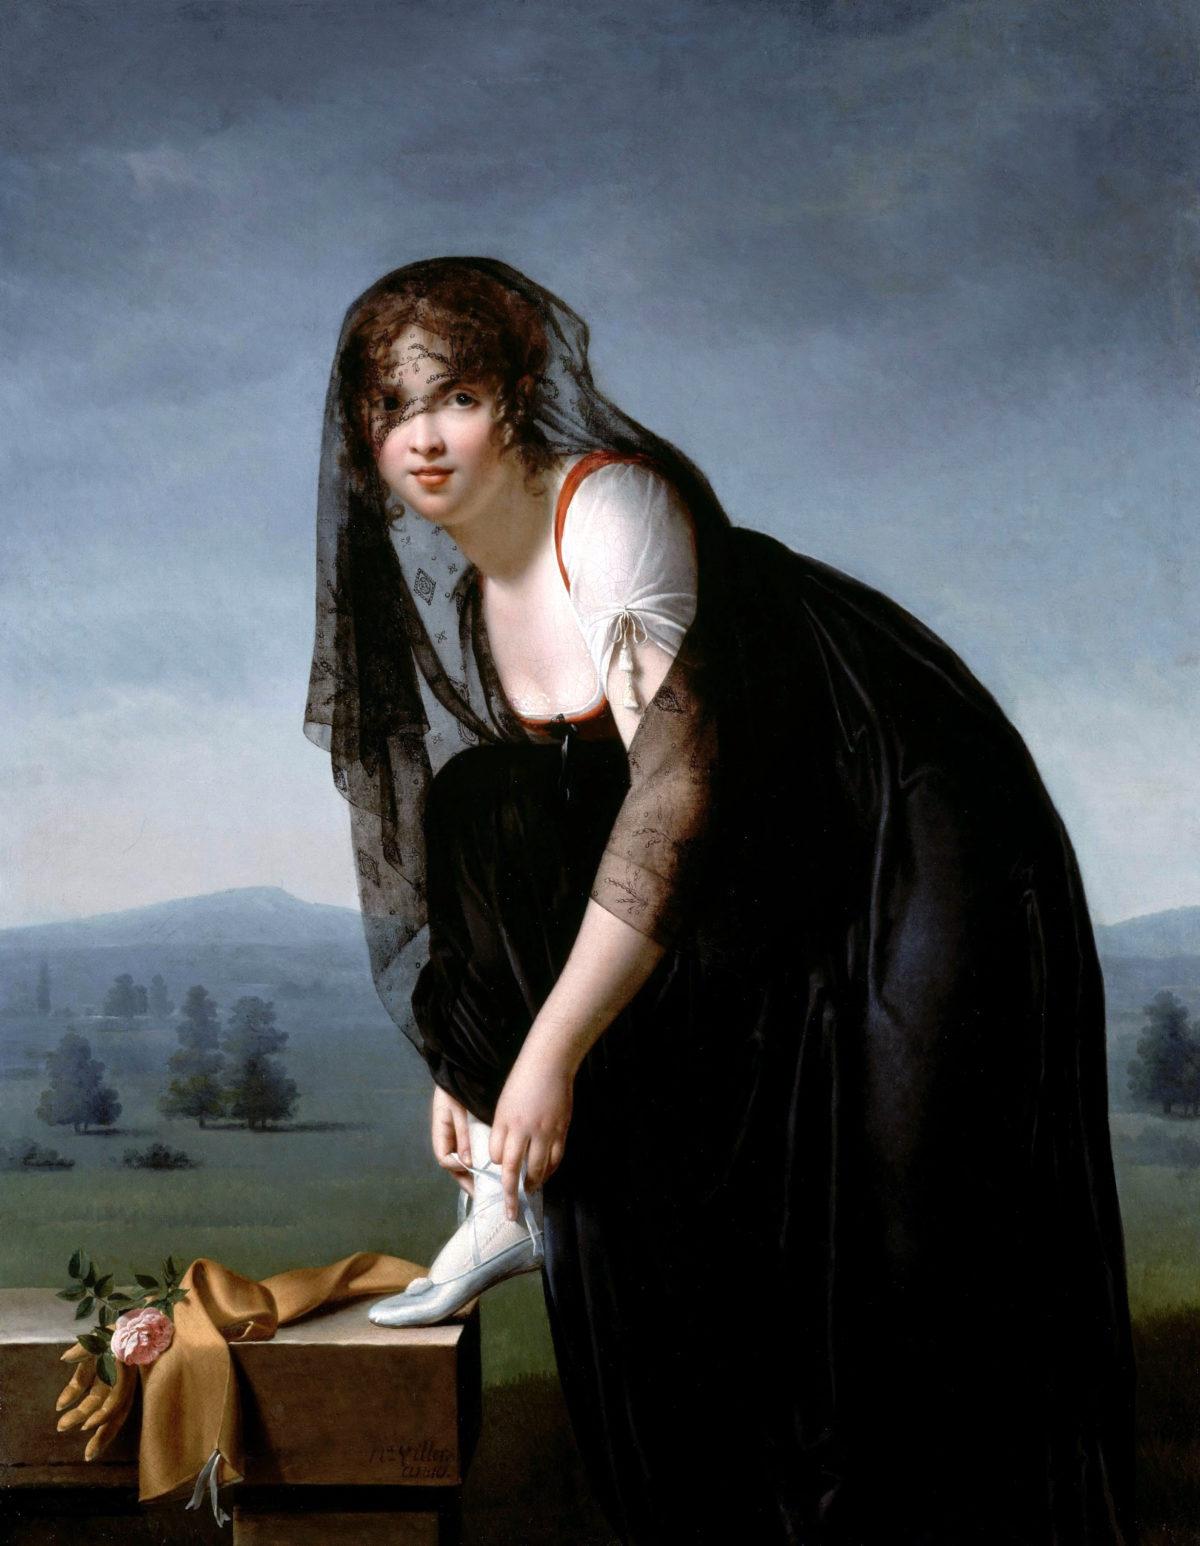 Marie-Denise-Villers_Madame-Soustras-e1489606774361.jpg